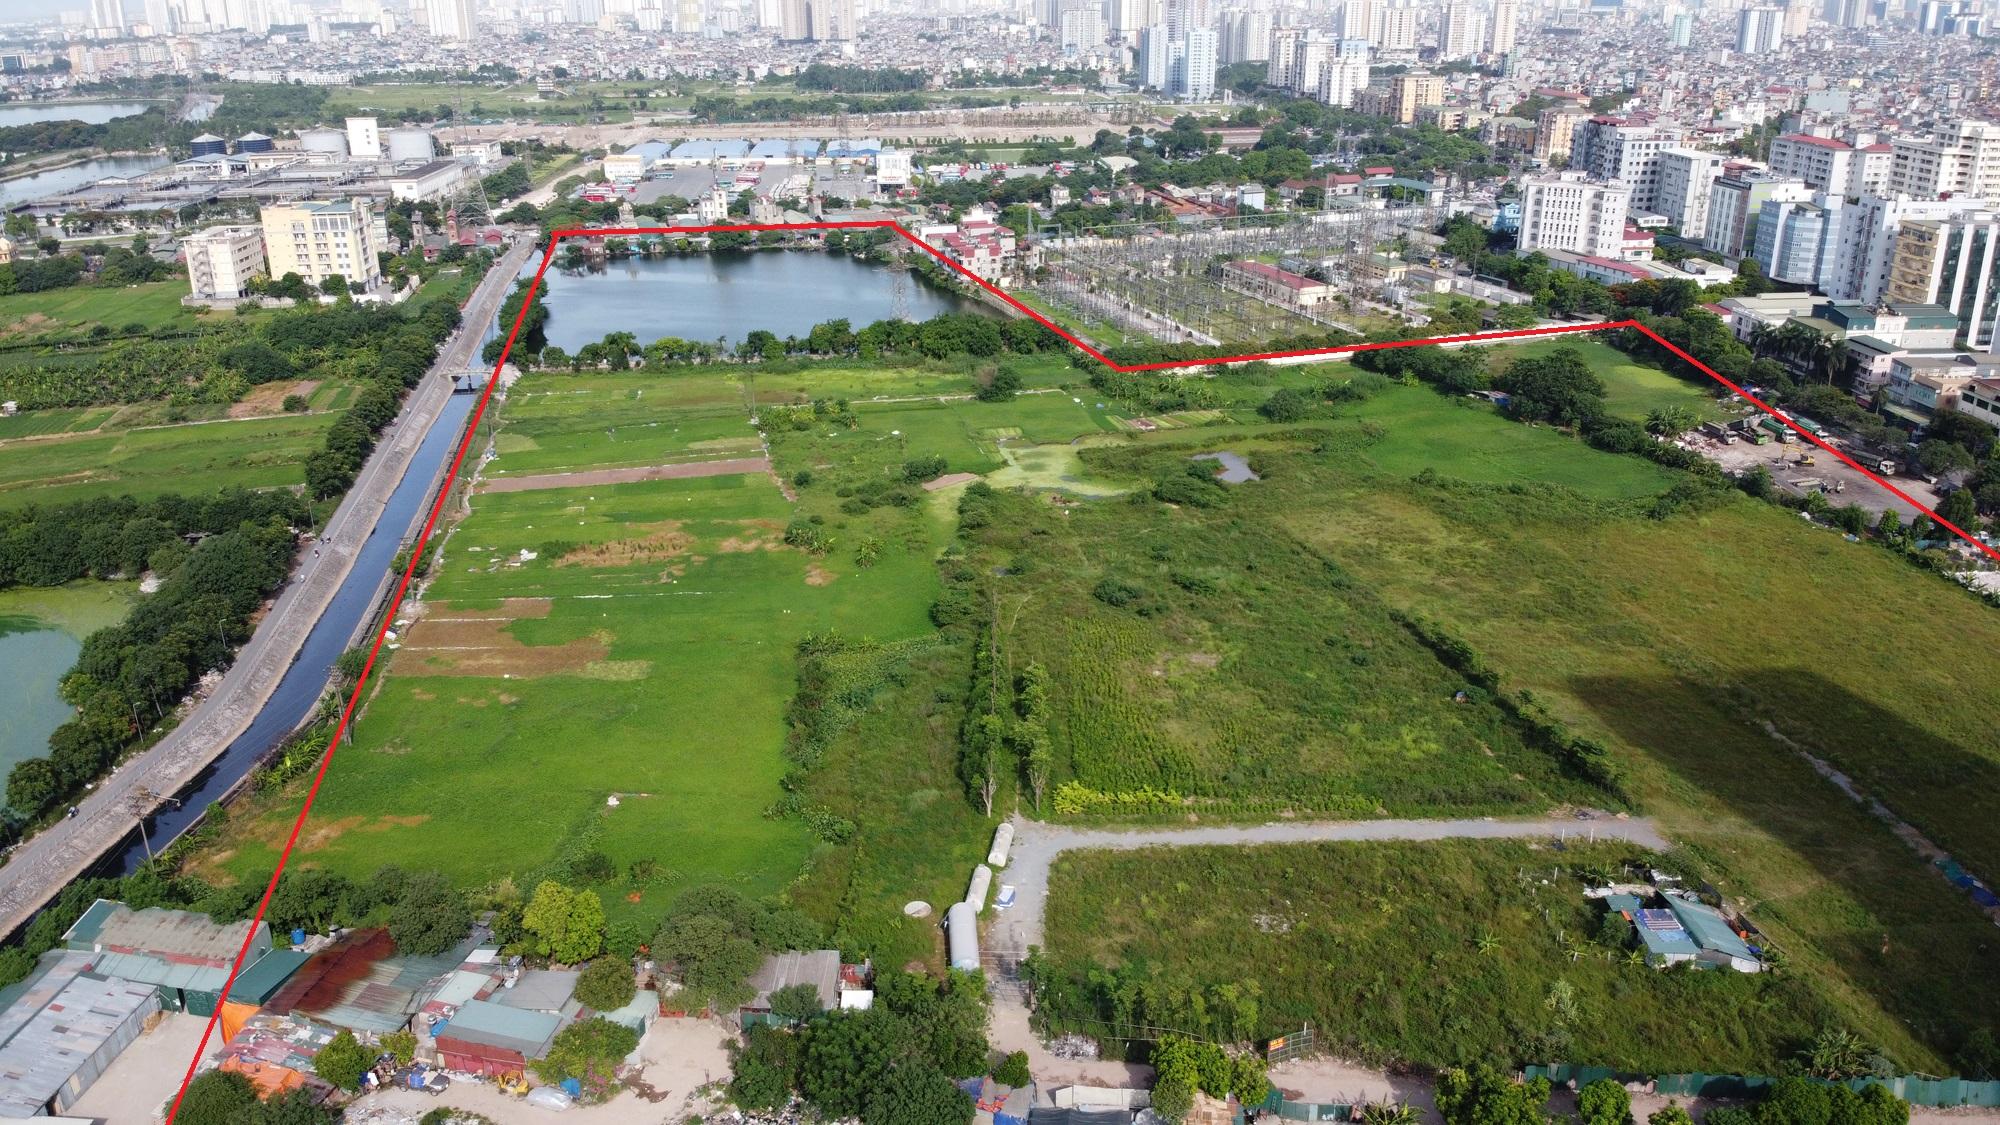 Những dự án chung cư gần các khu đất sẽ đào hồ lớn ở quận Hoàng Mai - Ảnh 2.